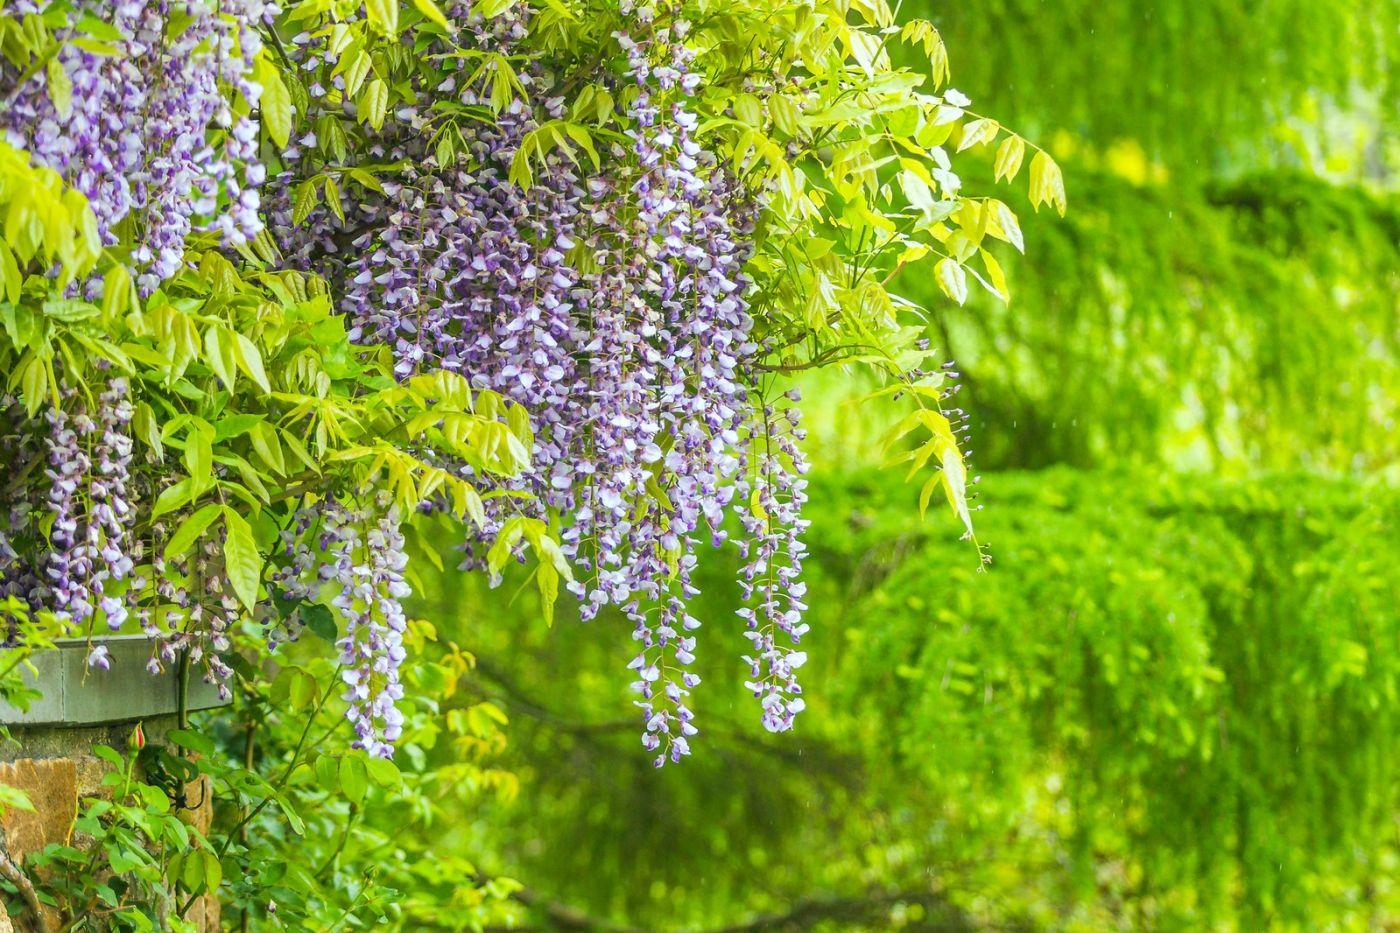 紫藤花相遇在春天_图1-25